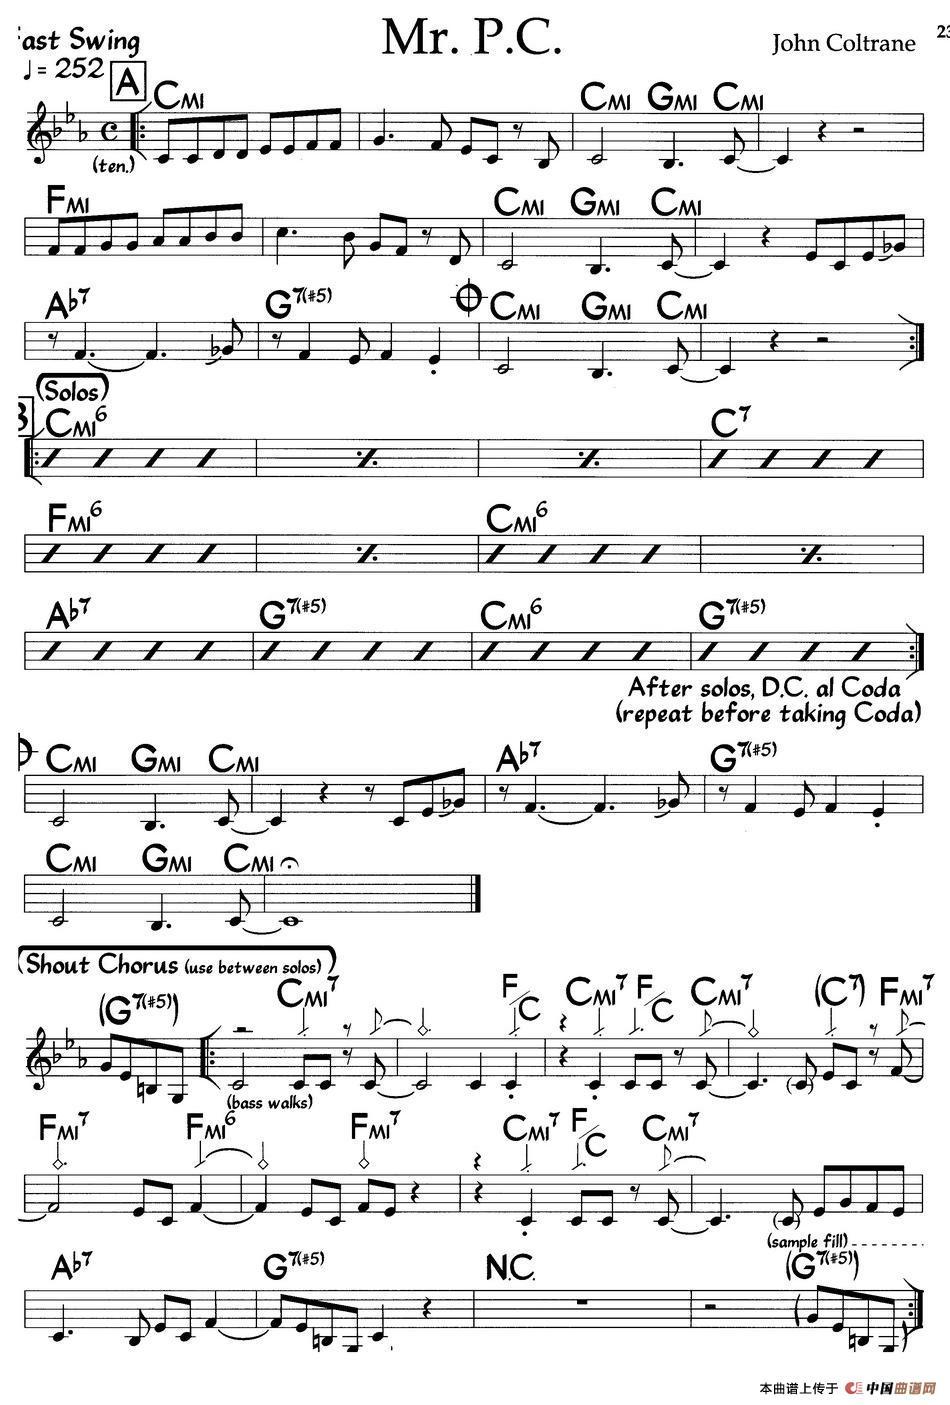 钢琴谱(爵士钢琴曲)_器乐乐谱_中国曲谱网图片